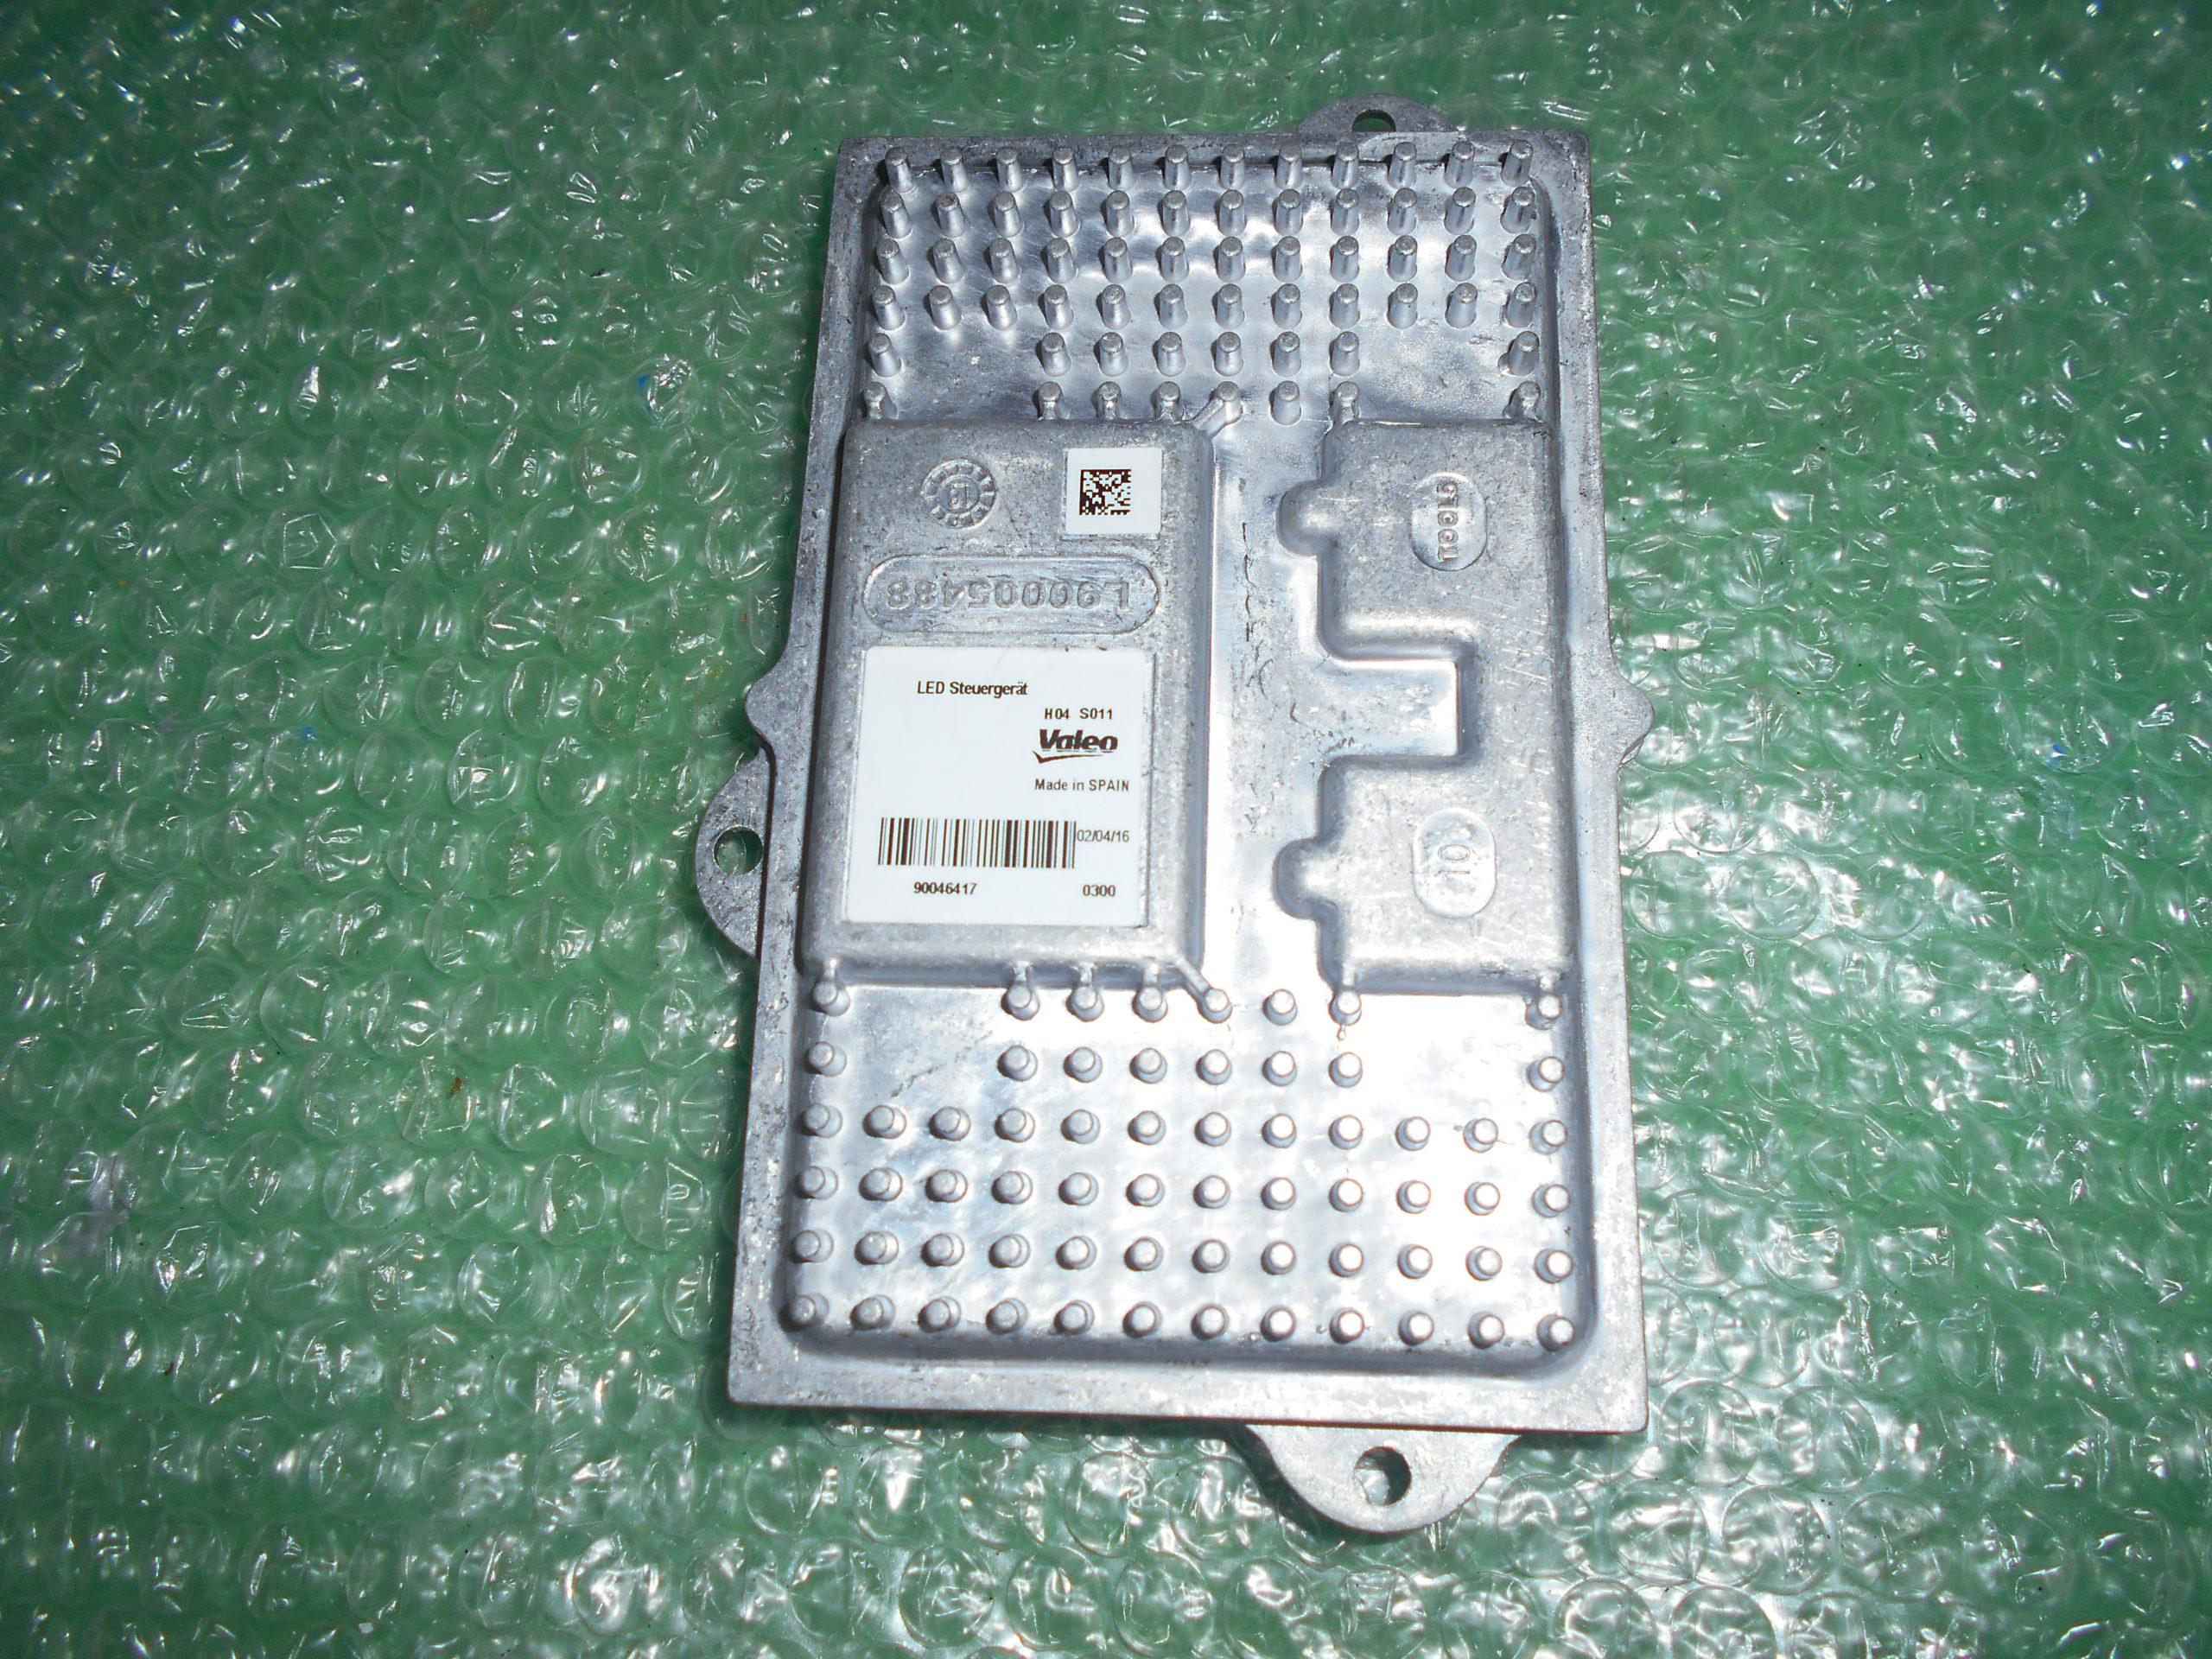 BALASTRO LUCES LED L90005487 – L90032783 JAGUAR XJ – VOLVO XC90 (2010-2020)